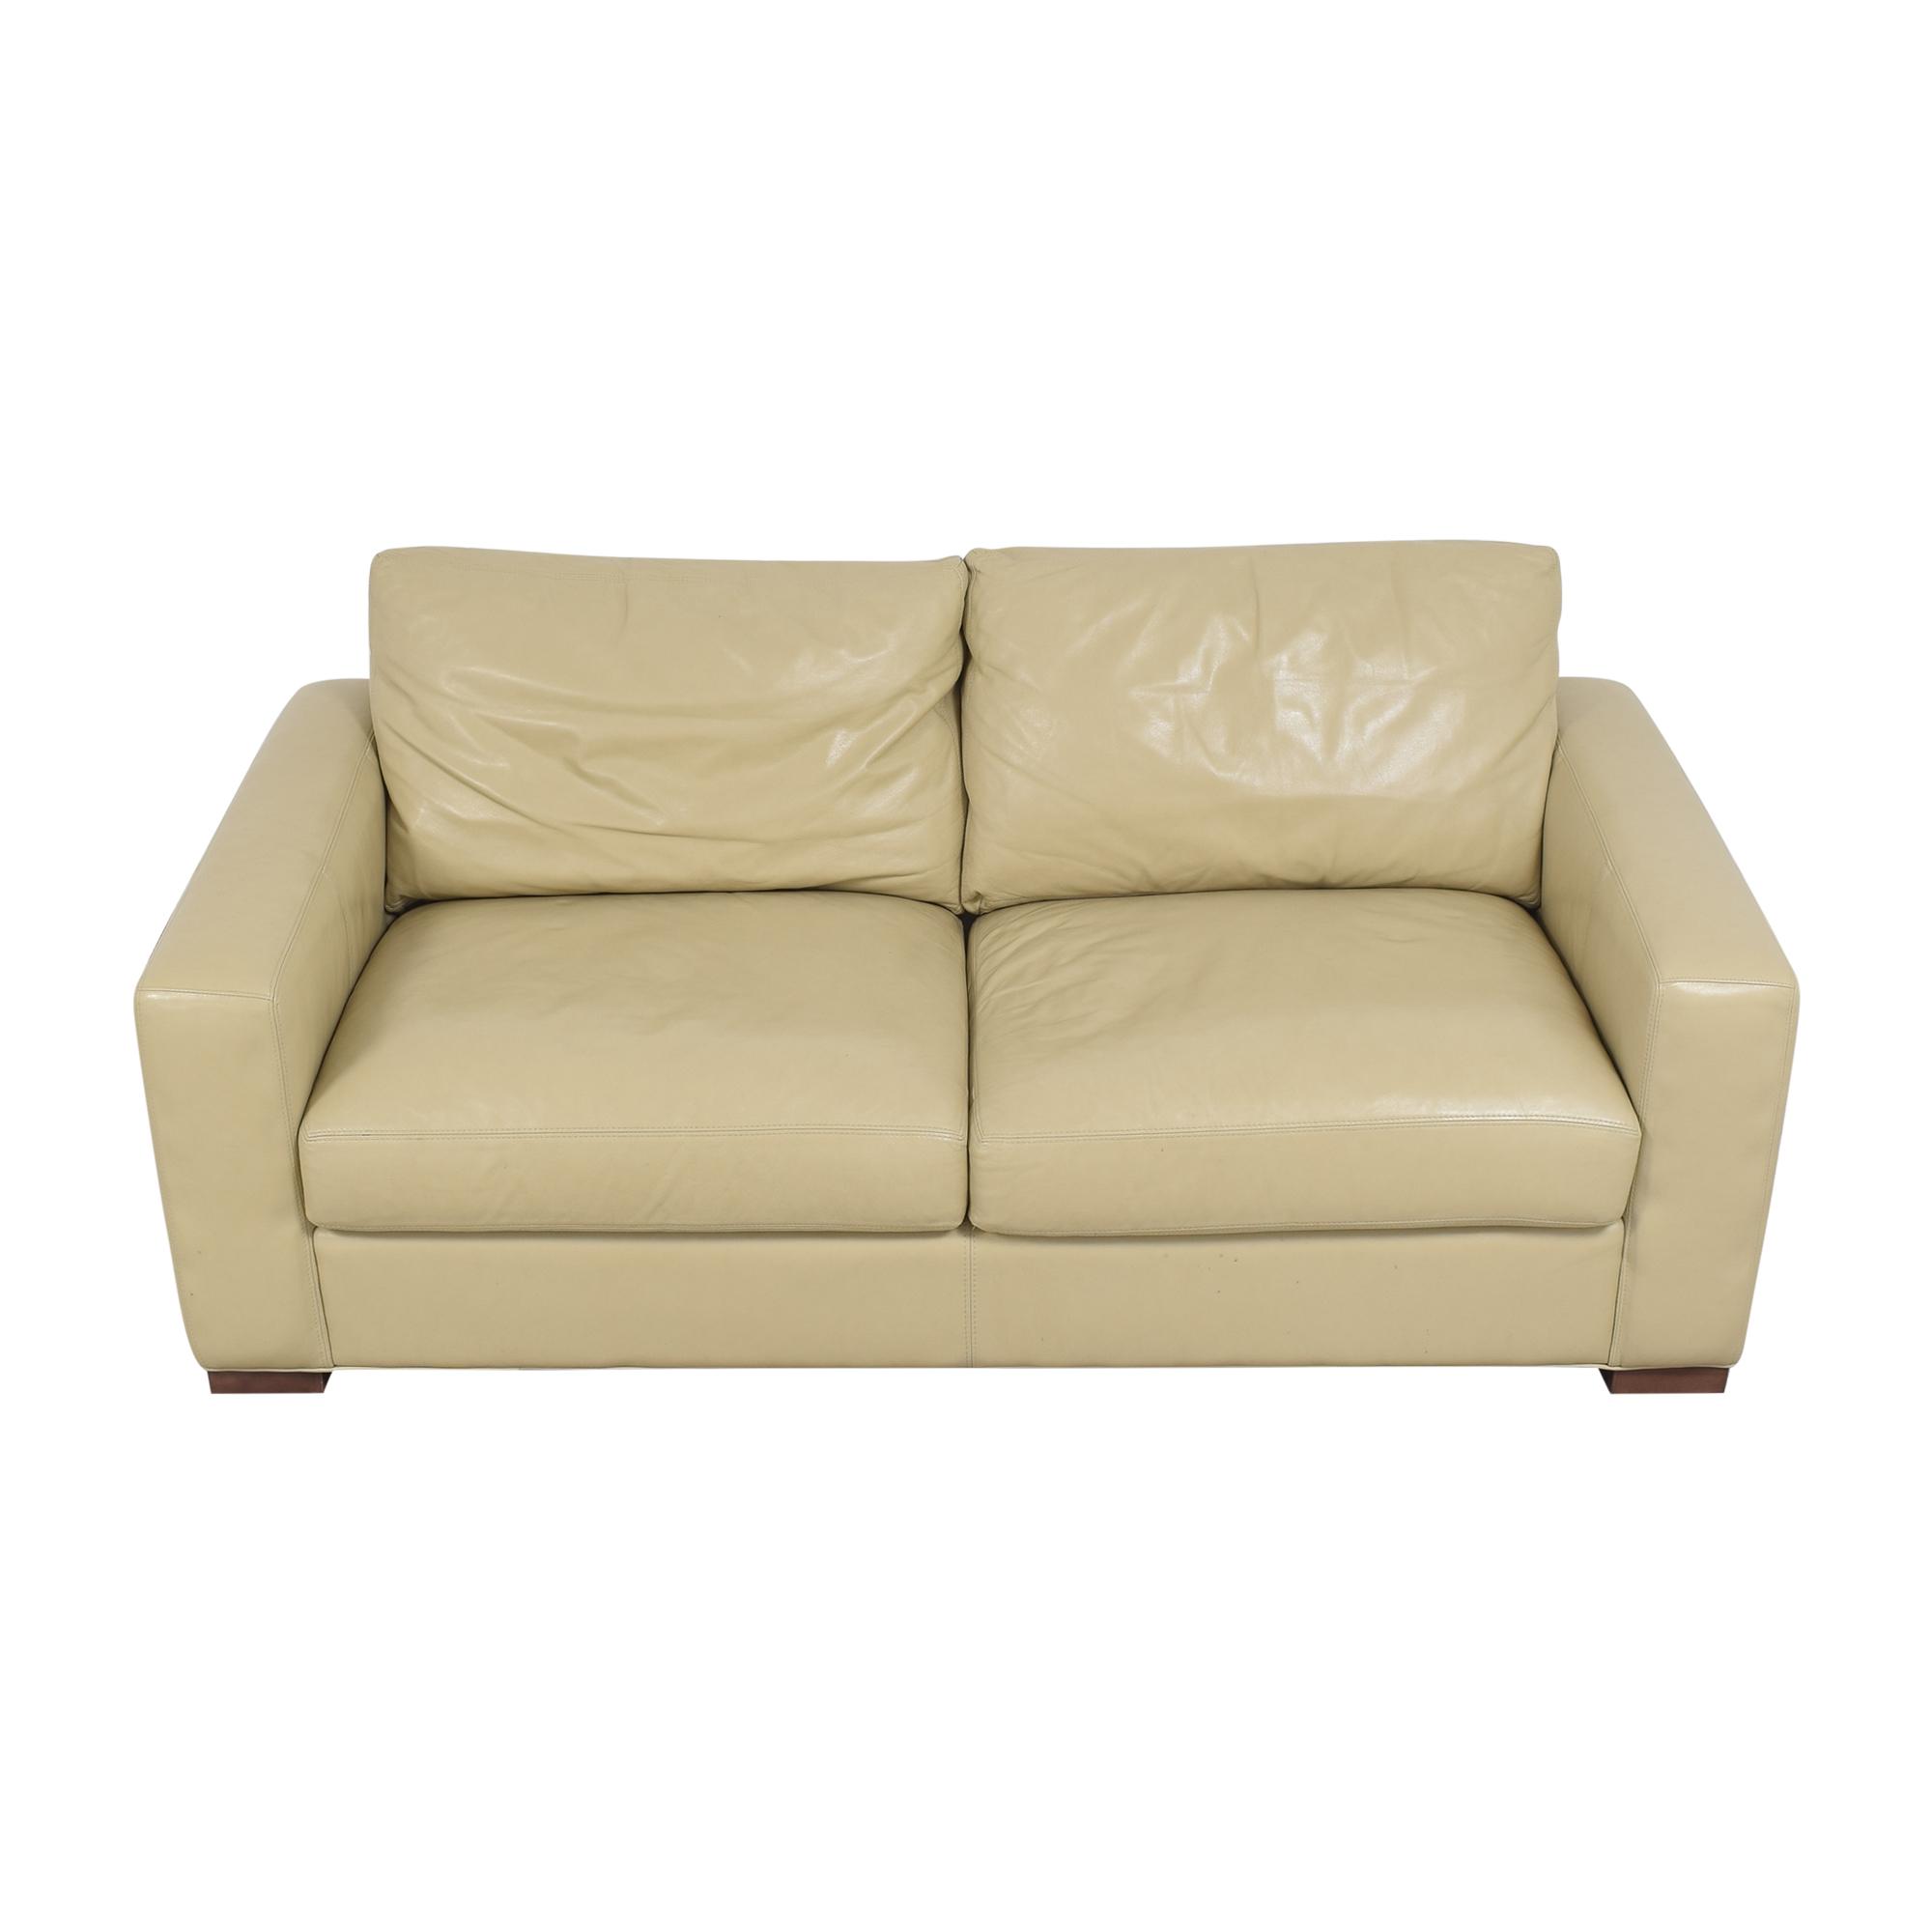 shop Room & Board Room & Board Two Cushion Sofa online